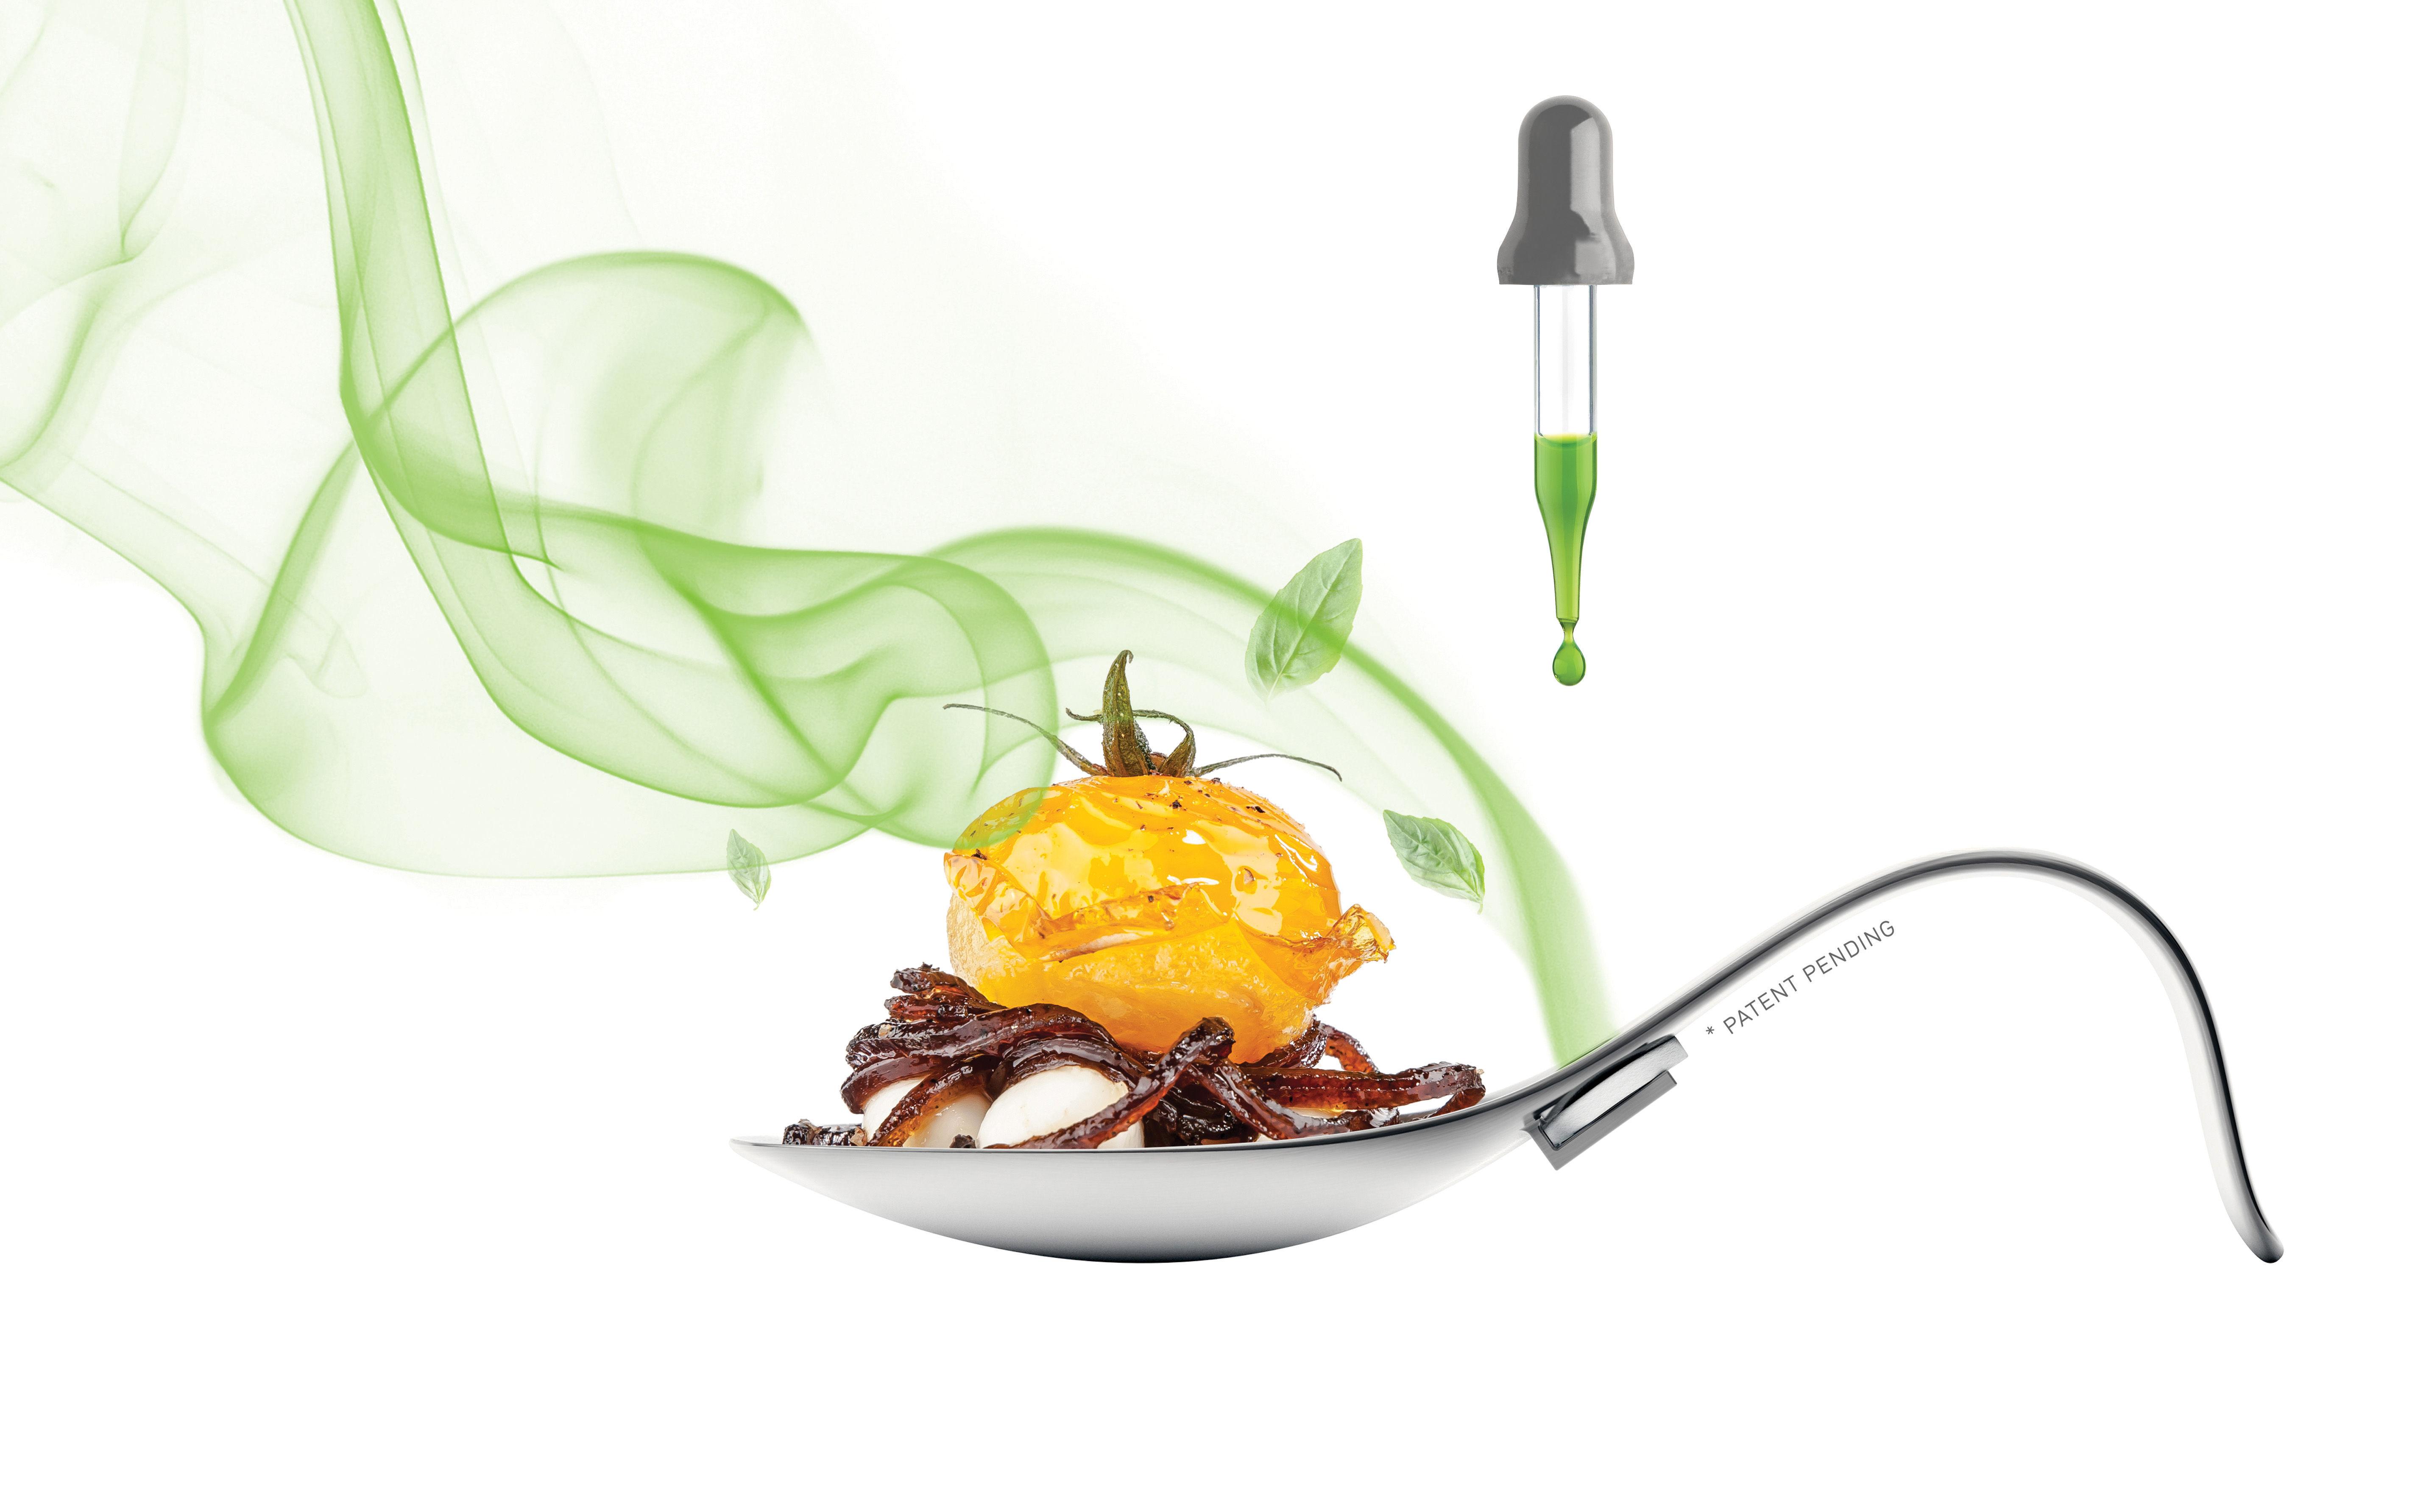 kit cuisine mol culaire service aromatique aromaspoons sans ar me mol cule r. Black Bedroom Furniture Sets. Home Design Ideas